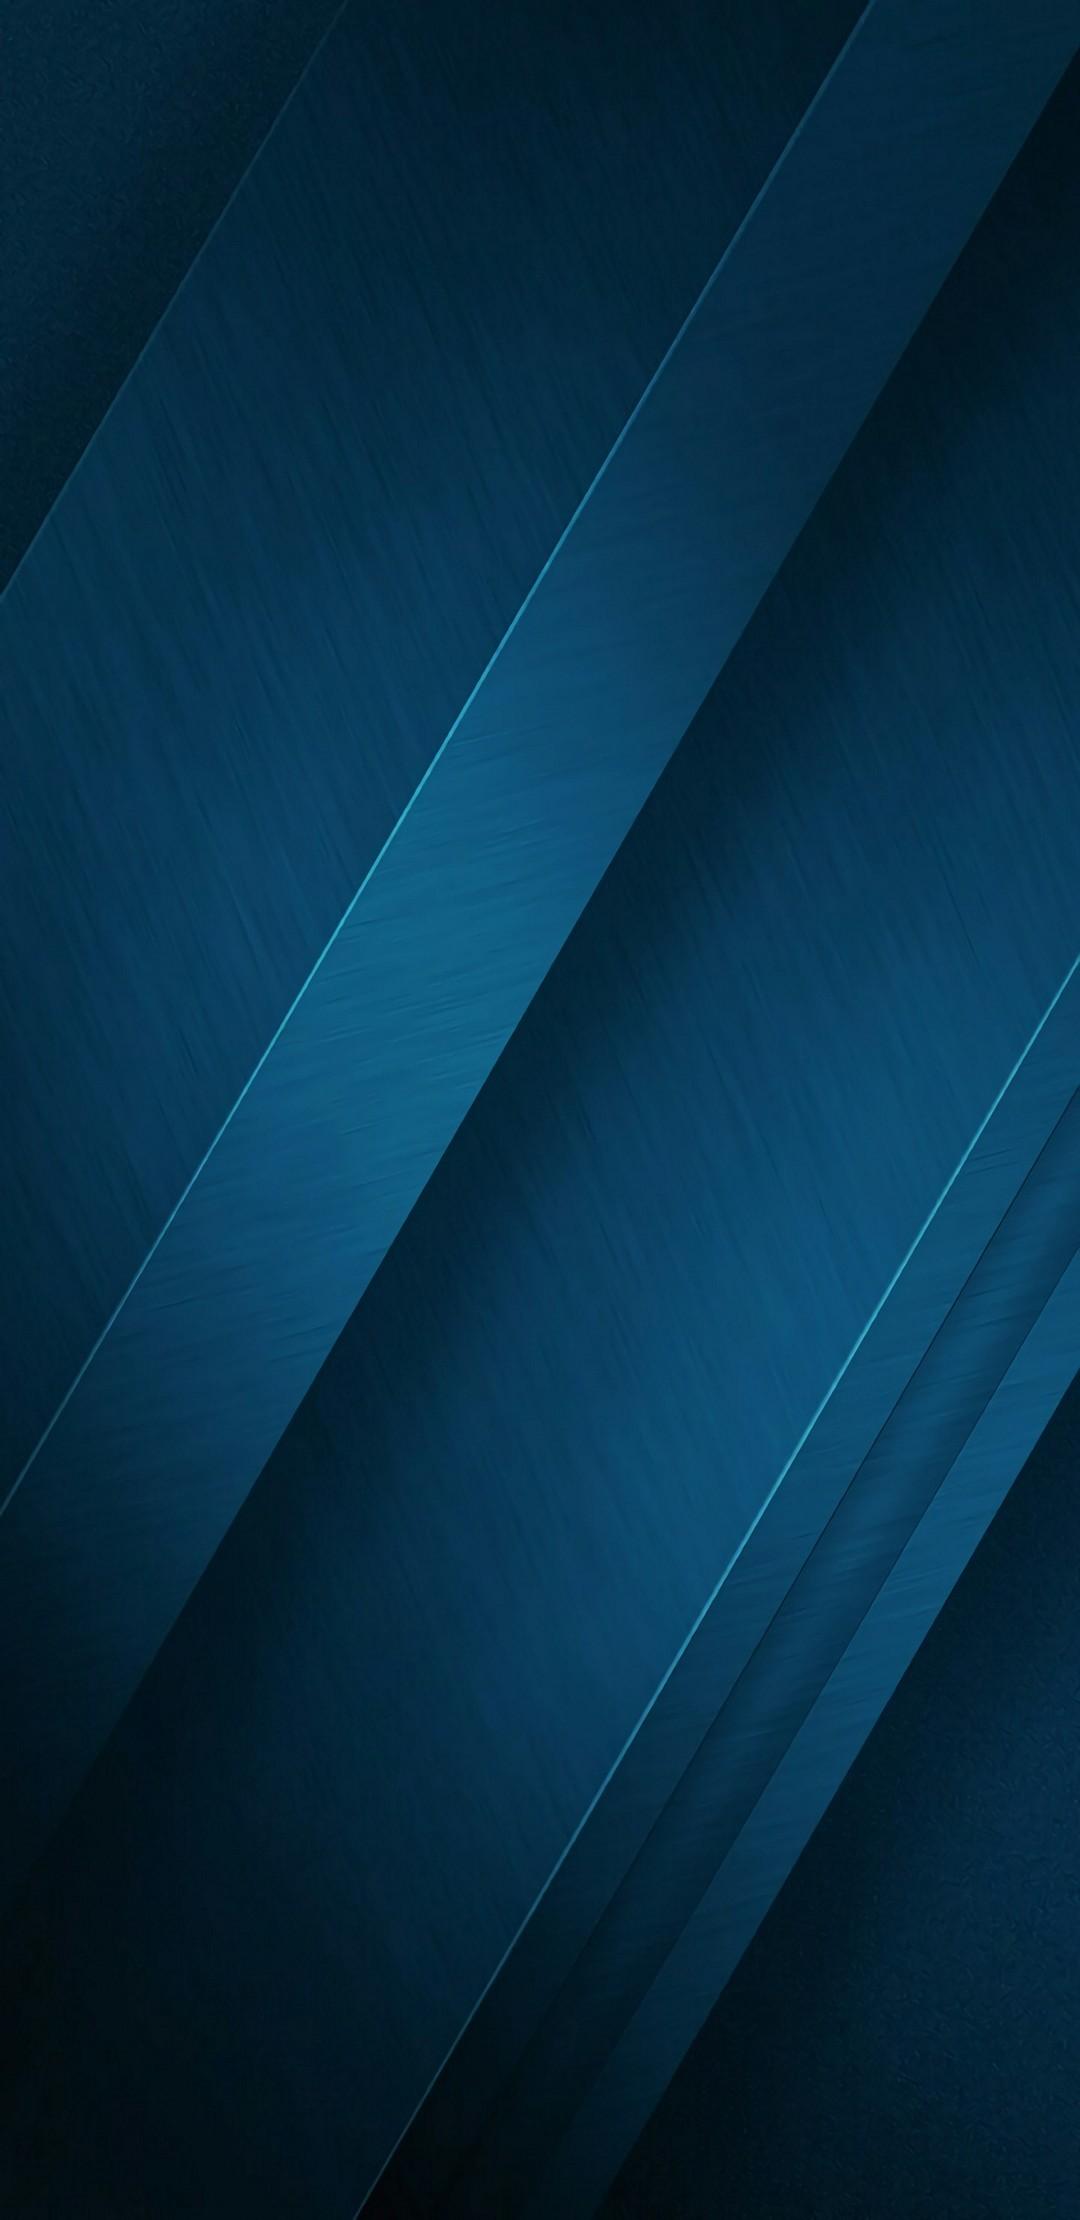 3d Touch Wallpaper Iphone 7 1080x2220 Wallpaper 063